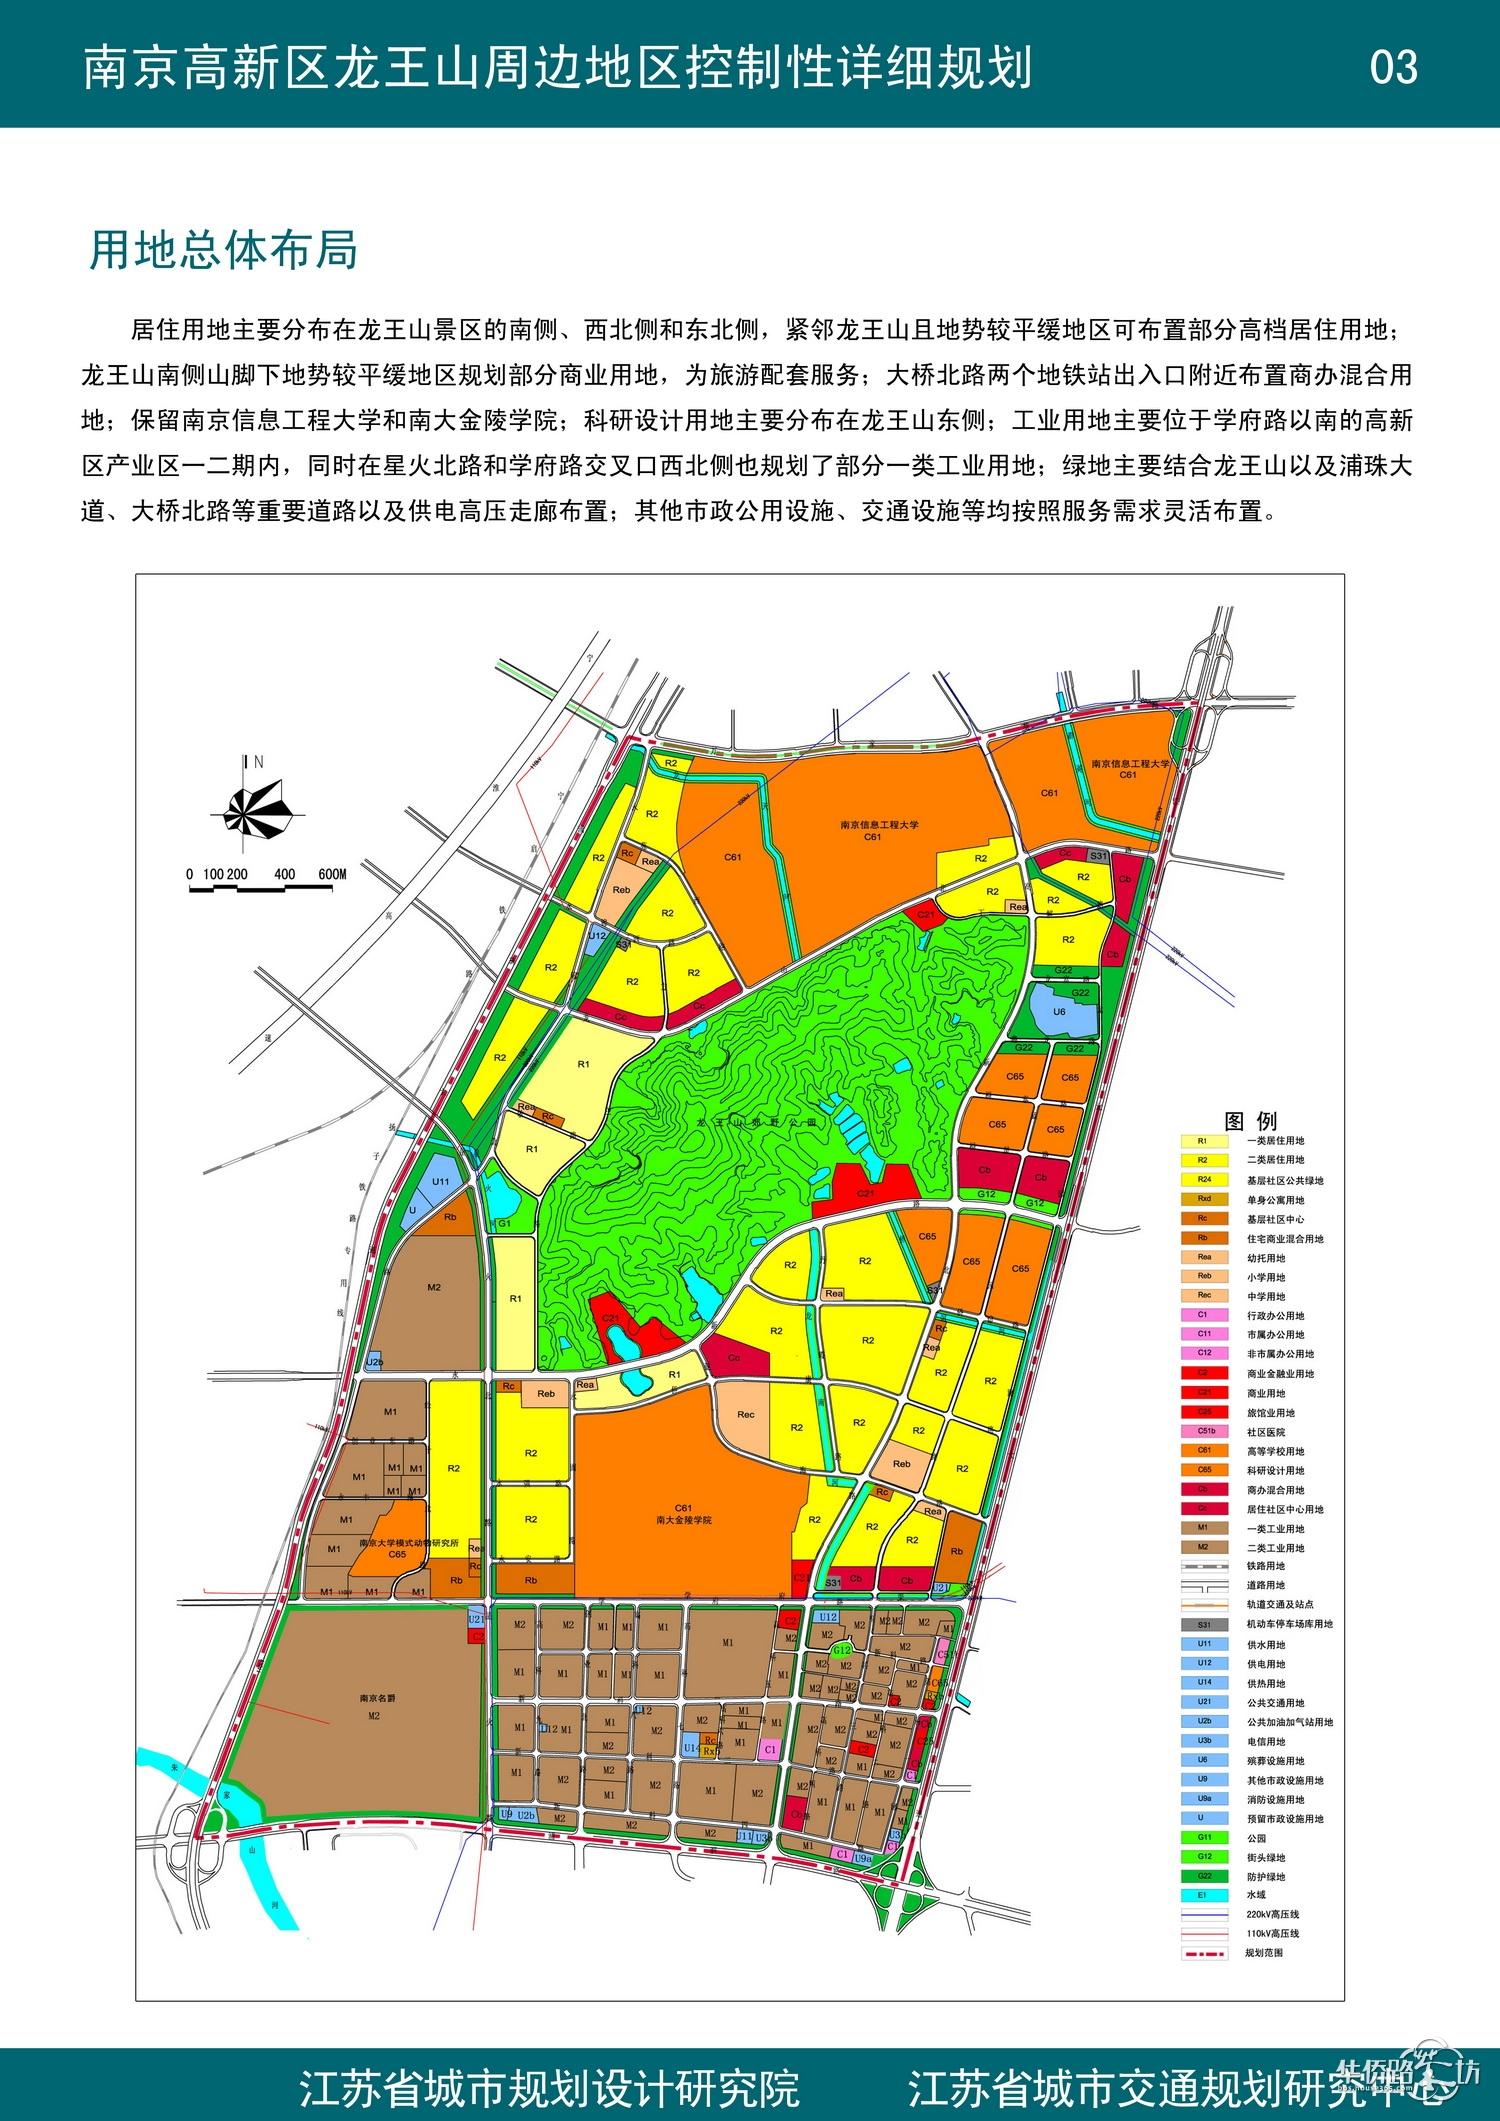 龙王山风景区周边规划,看看朗诗在哪里